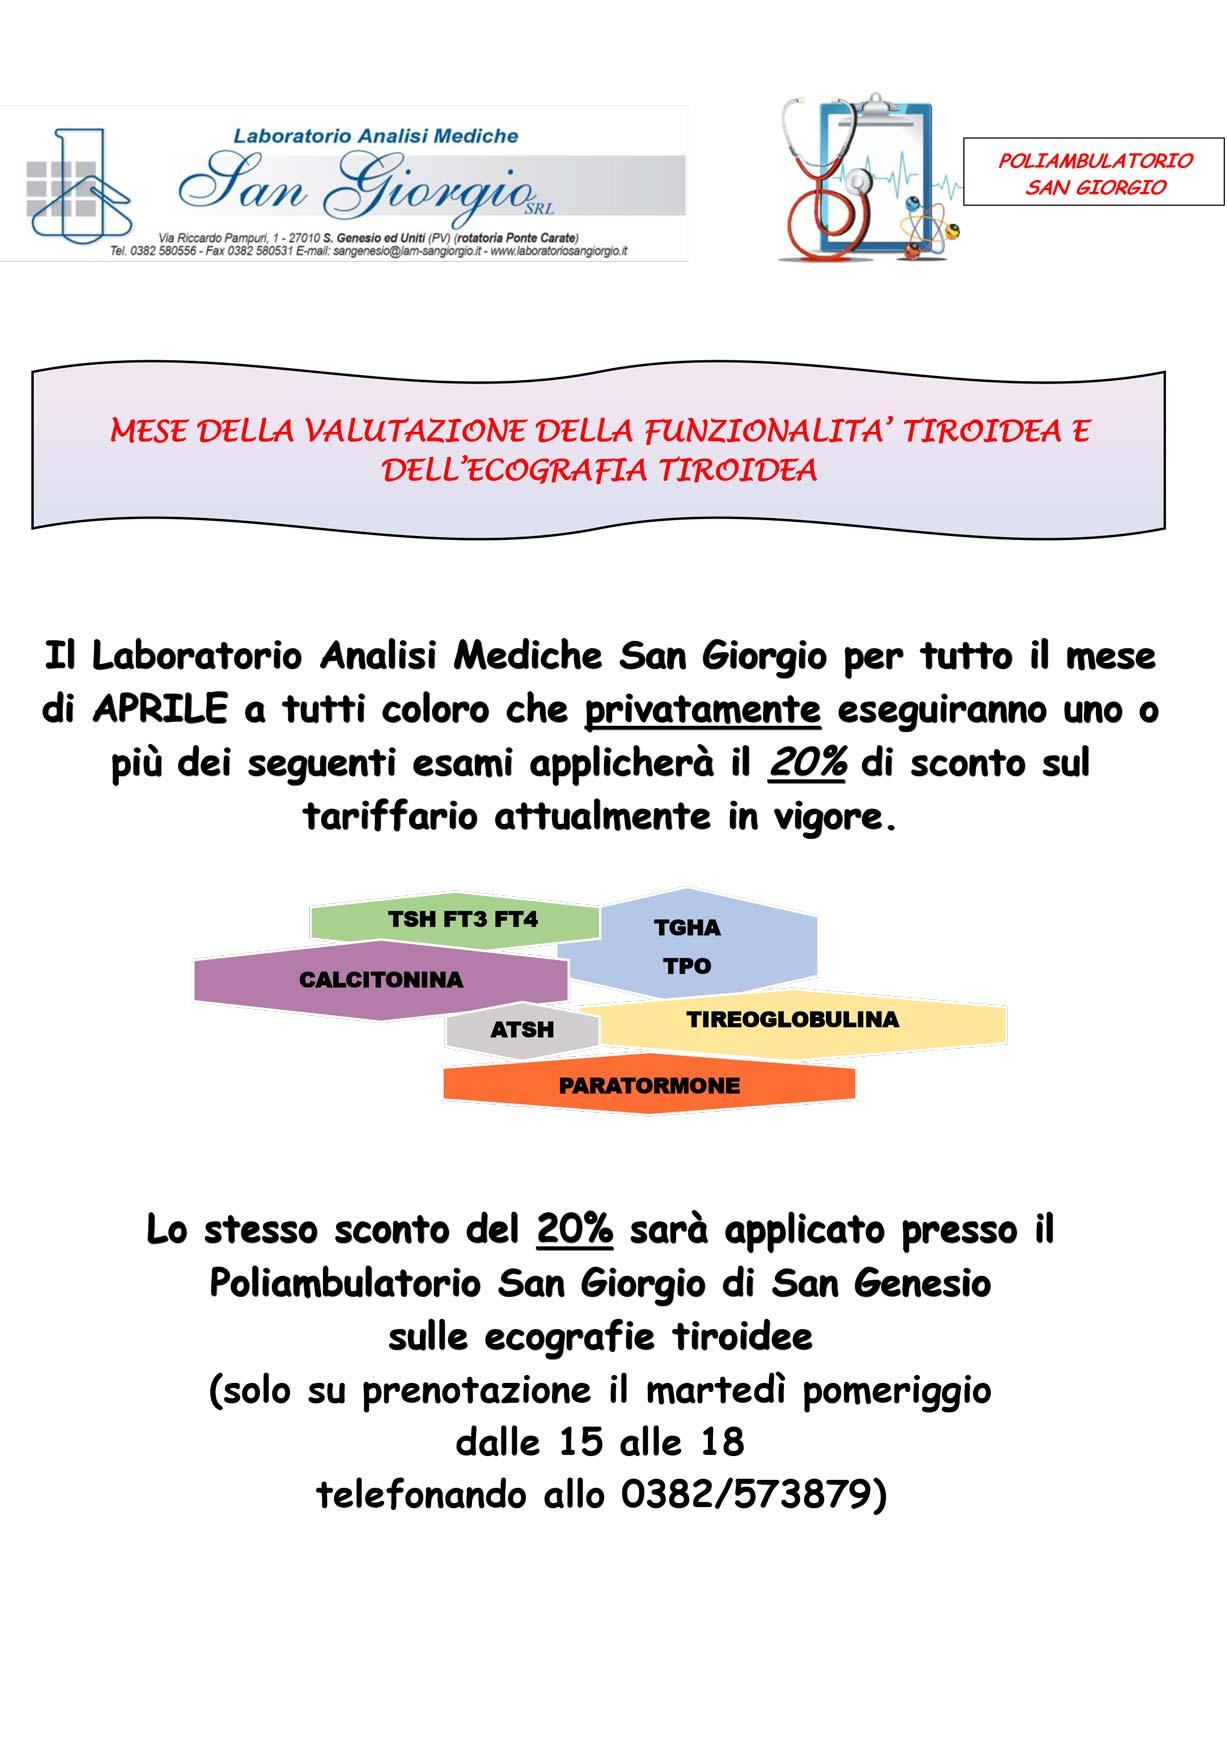 laboratorio-analisi-mediche-san-giorgio-mese-tiroide-funzionalita-ecografia-2